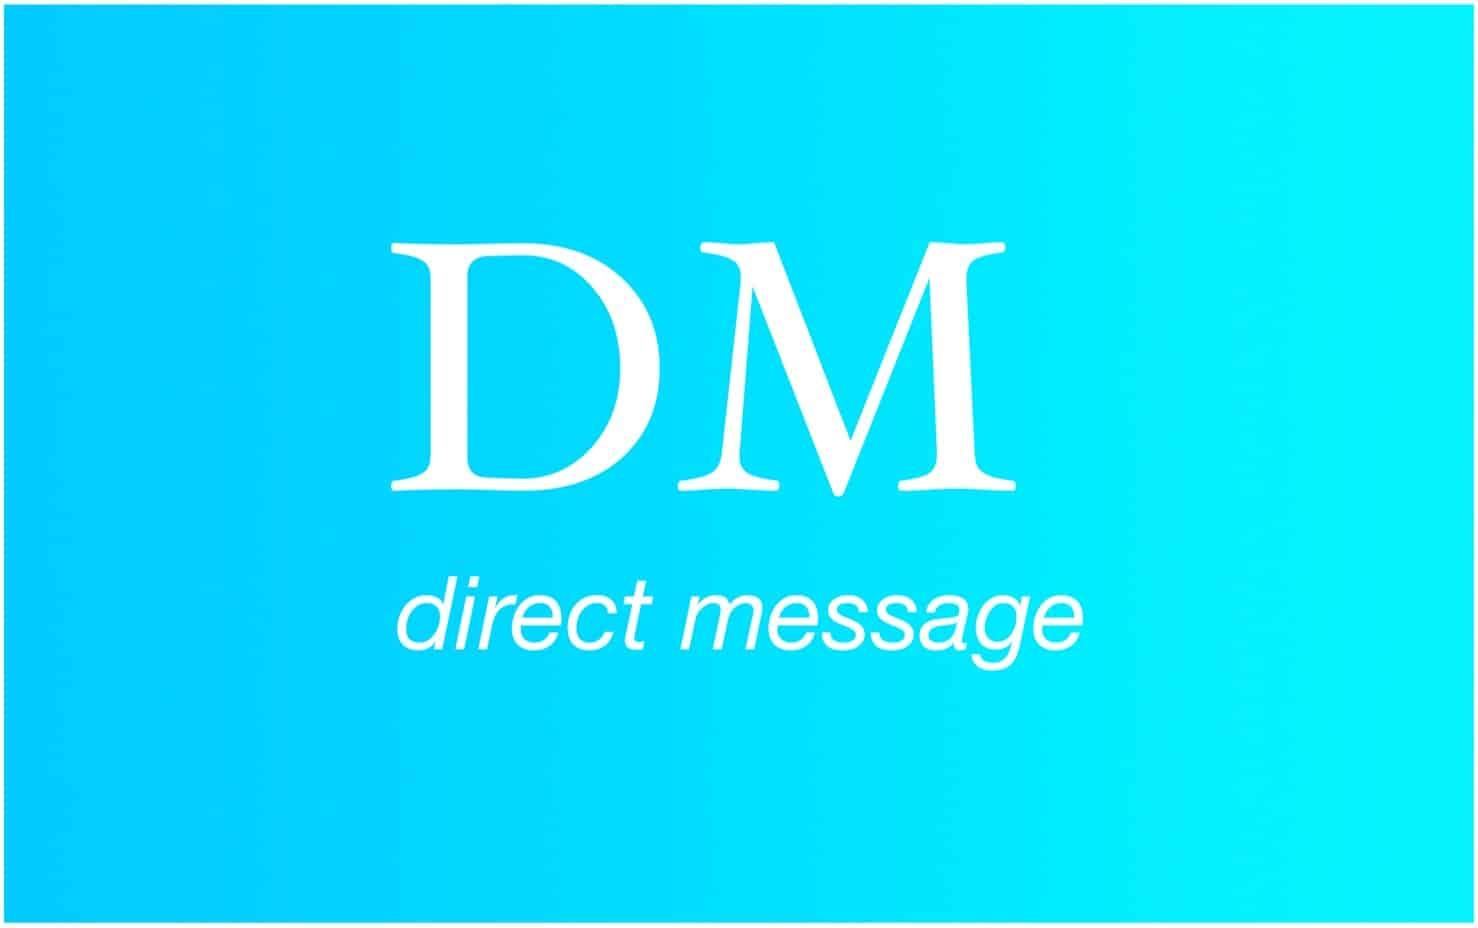 DM direct message